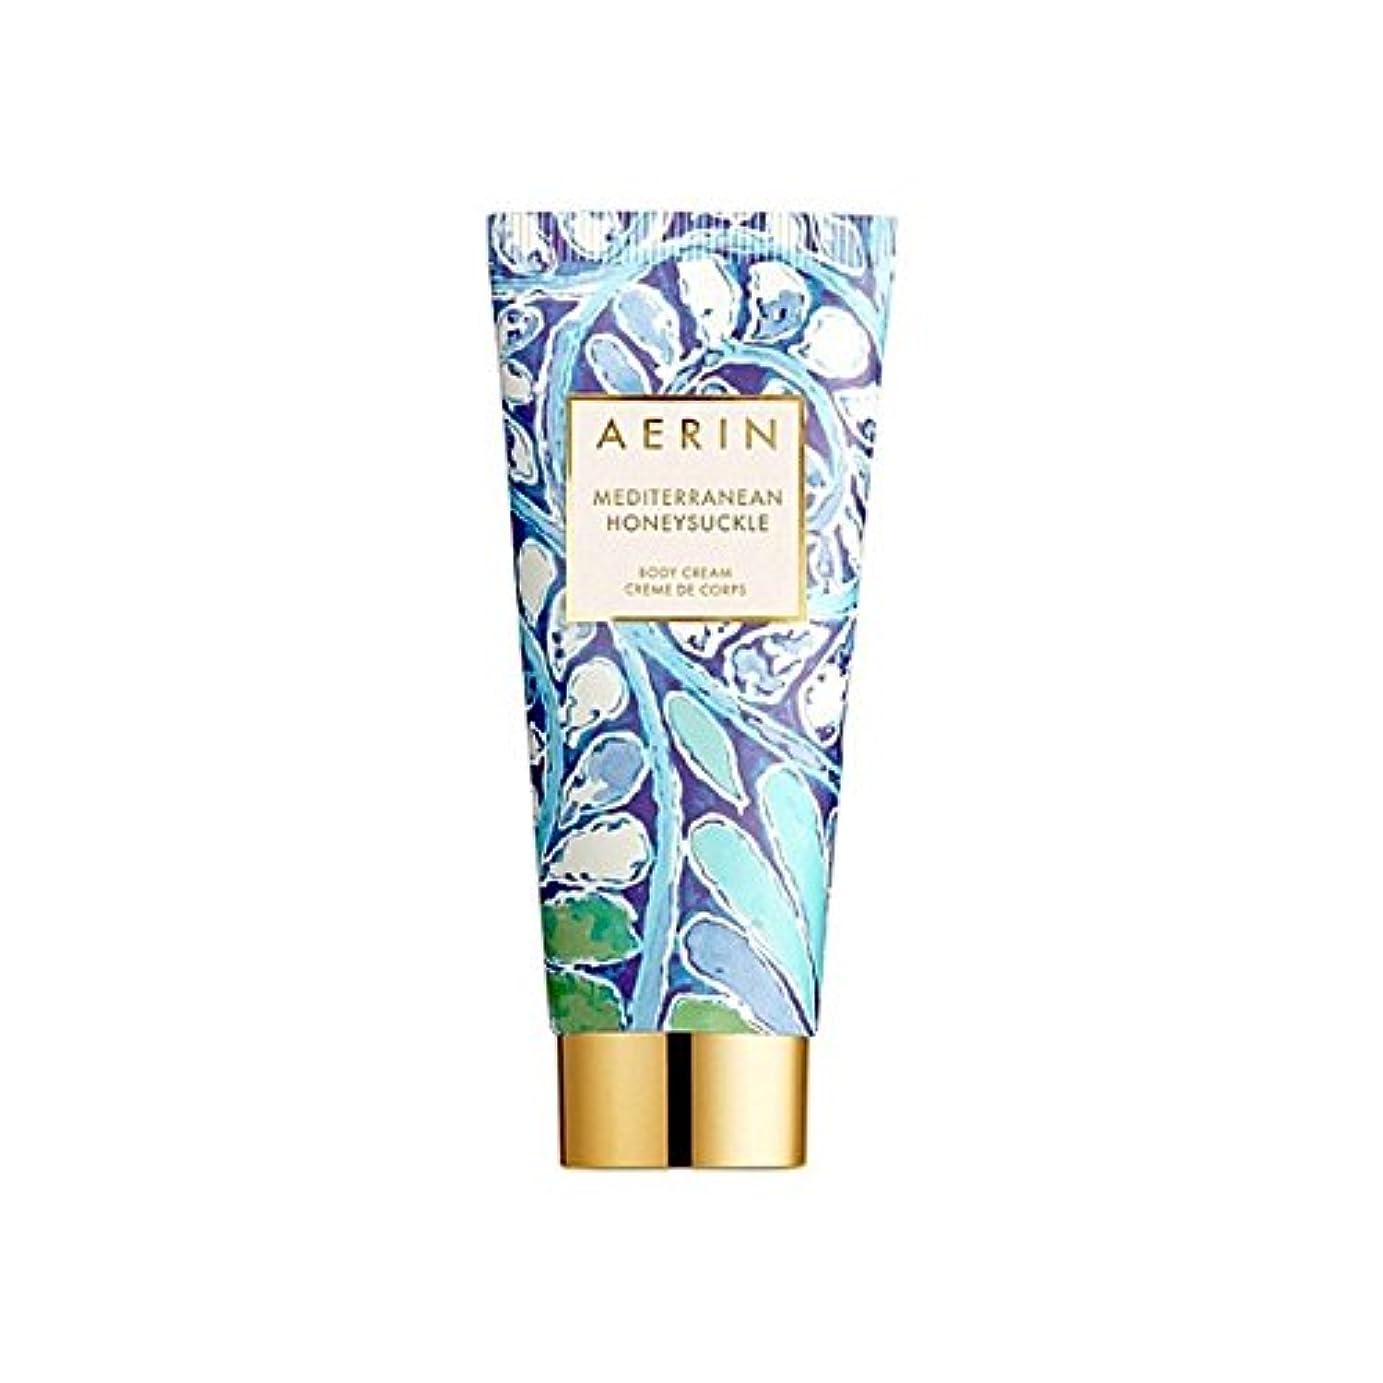 熟練した哲学Aerin Mediterrenean Honeysuckle Body Cream 150ml - スイカズラボディクリーム150ミリリットル [並行輸入品]